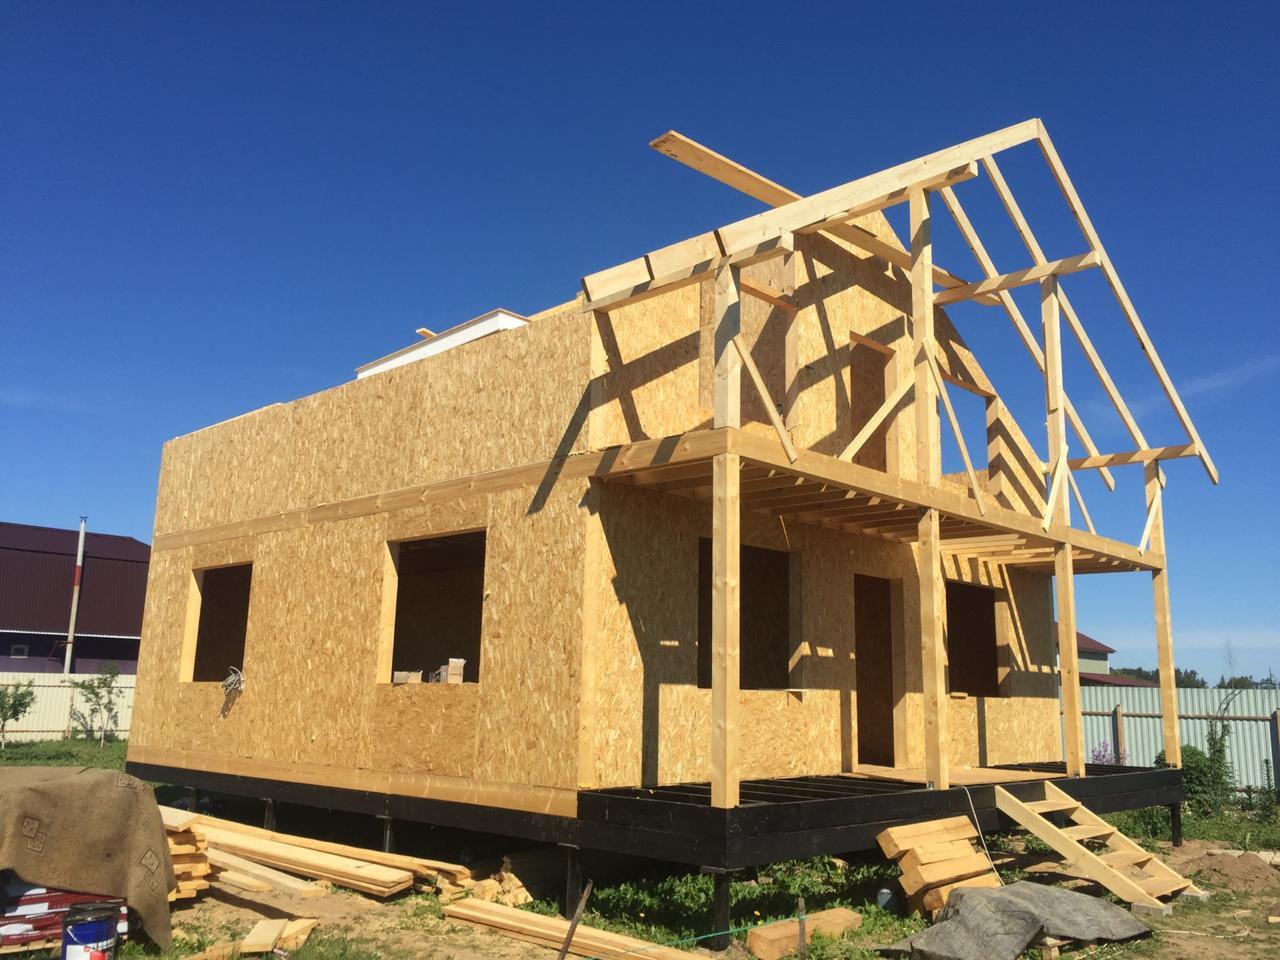 Строительство домов и коттеджей. Сборка СИП панельного дома.